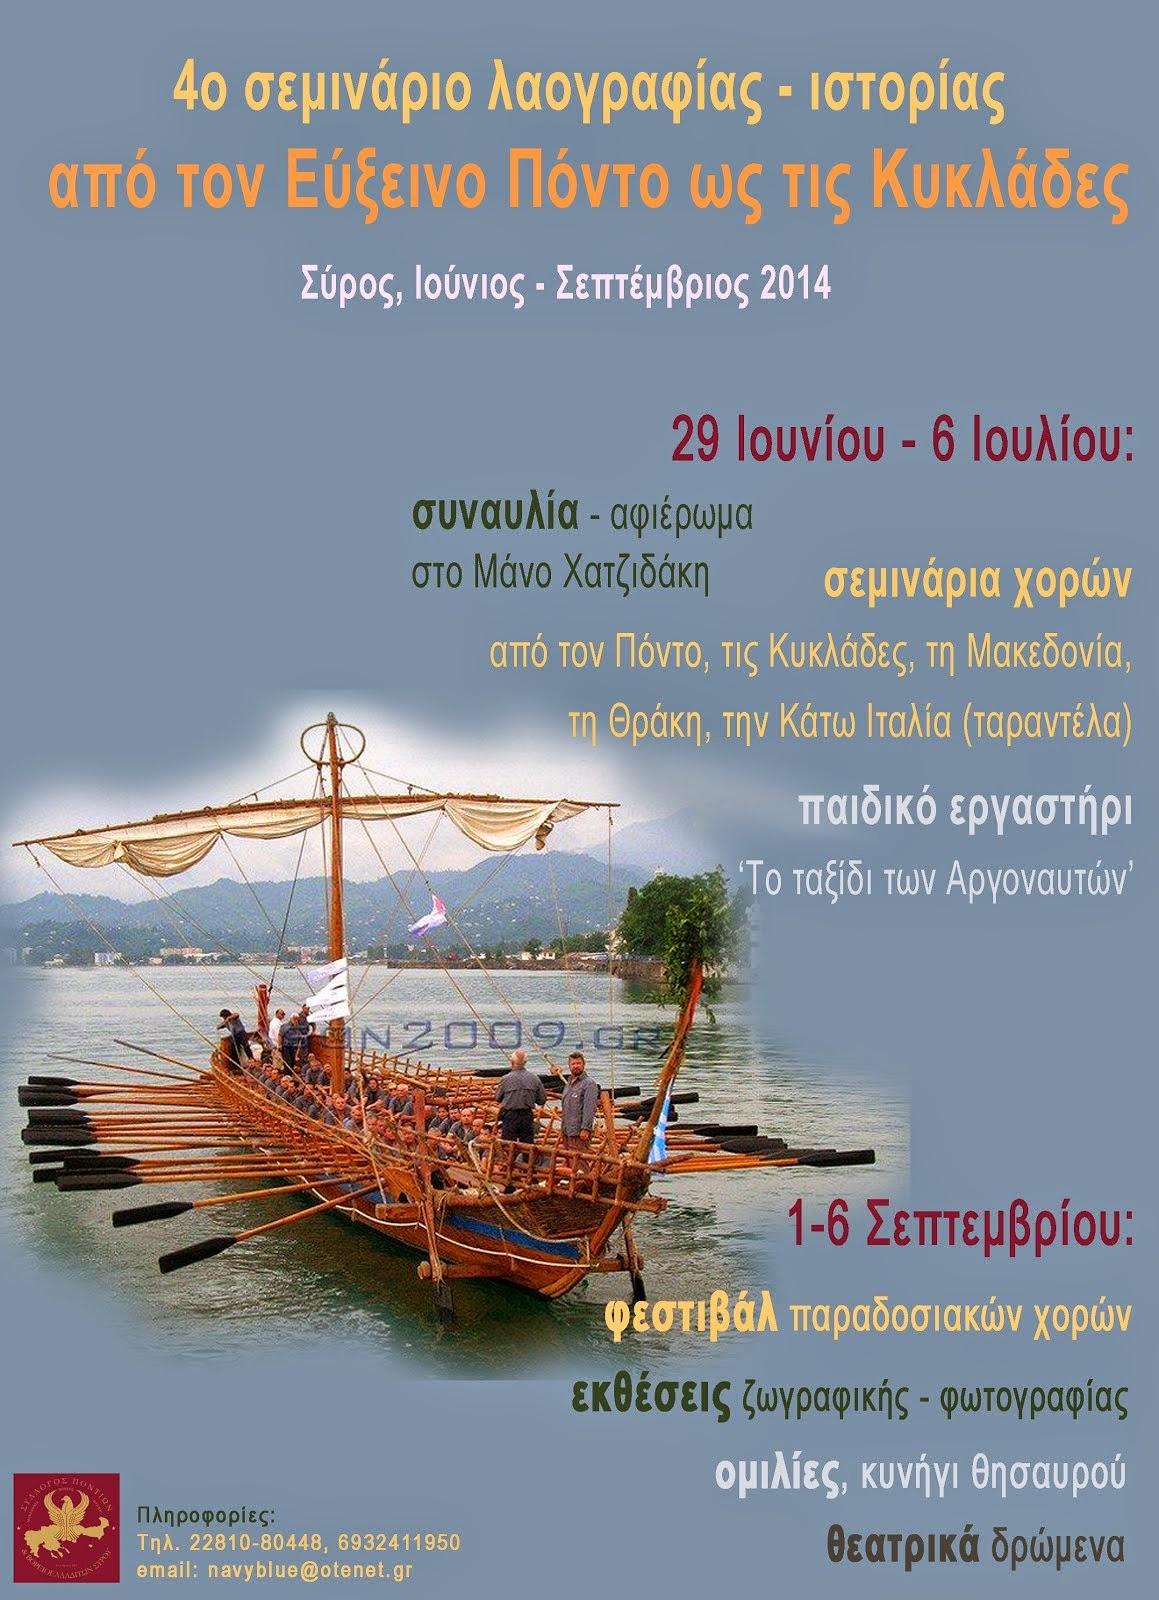 Από τον Εύξεινο Πόντο ως τις Κυκλάδες